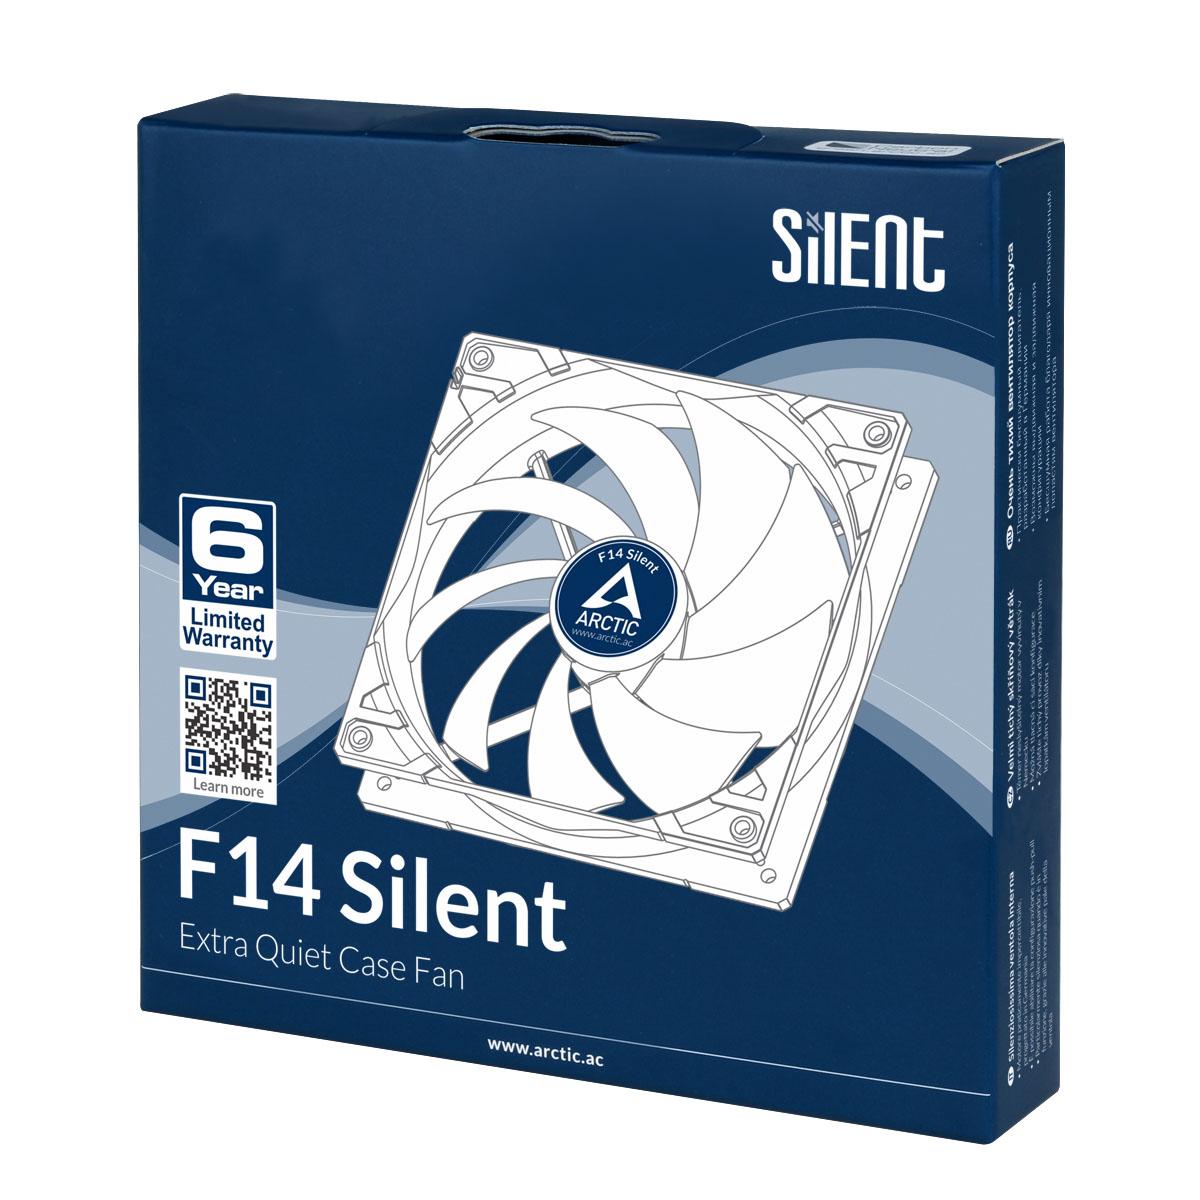 F14 Silent